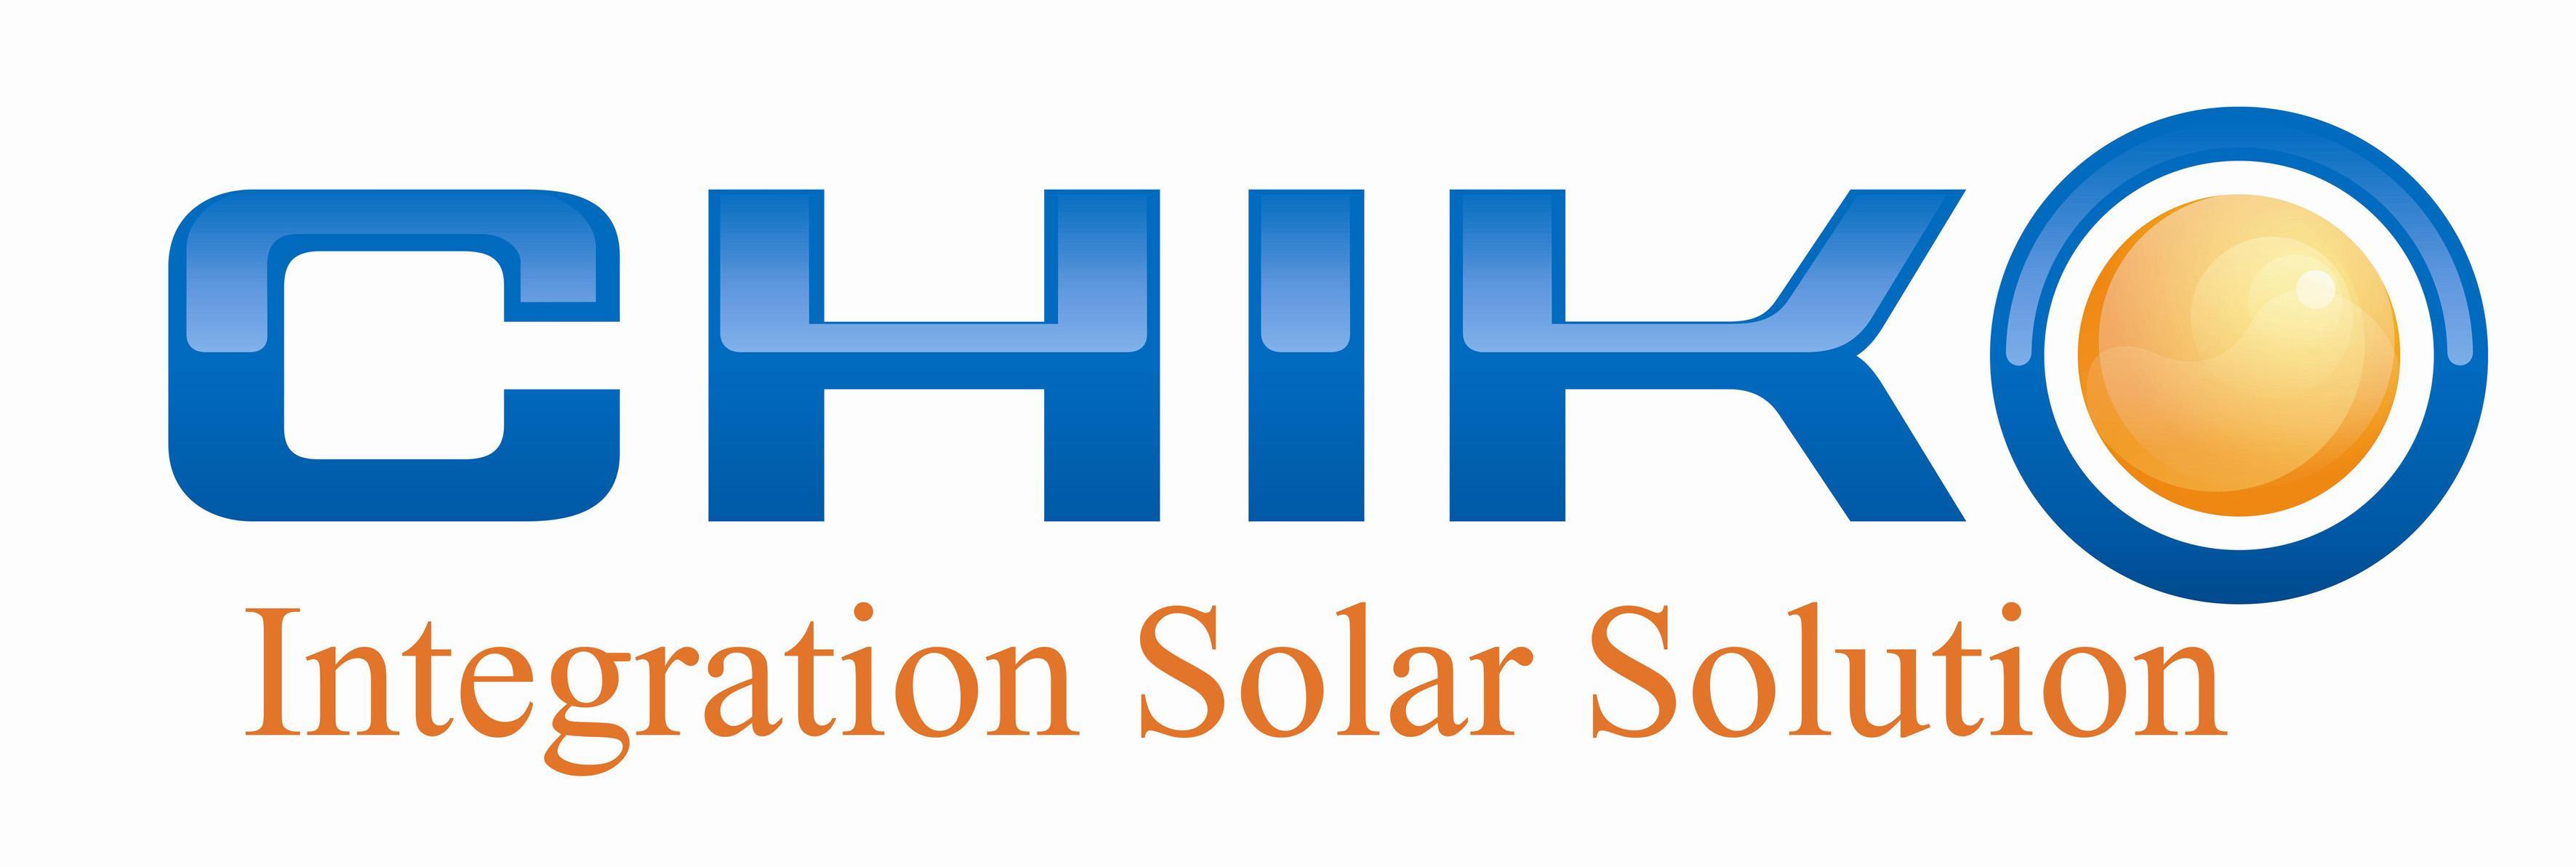 上海晨科太阳能科技有限公司